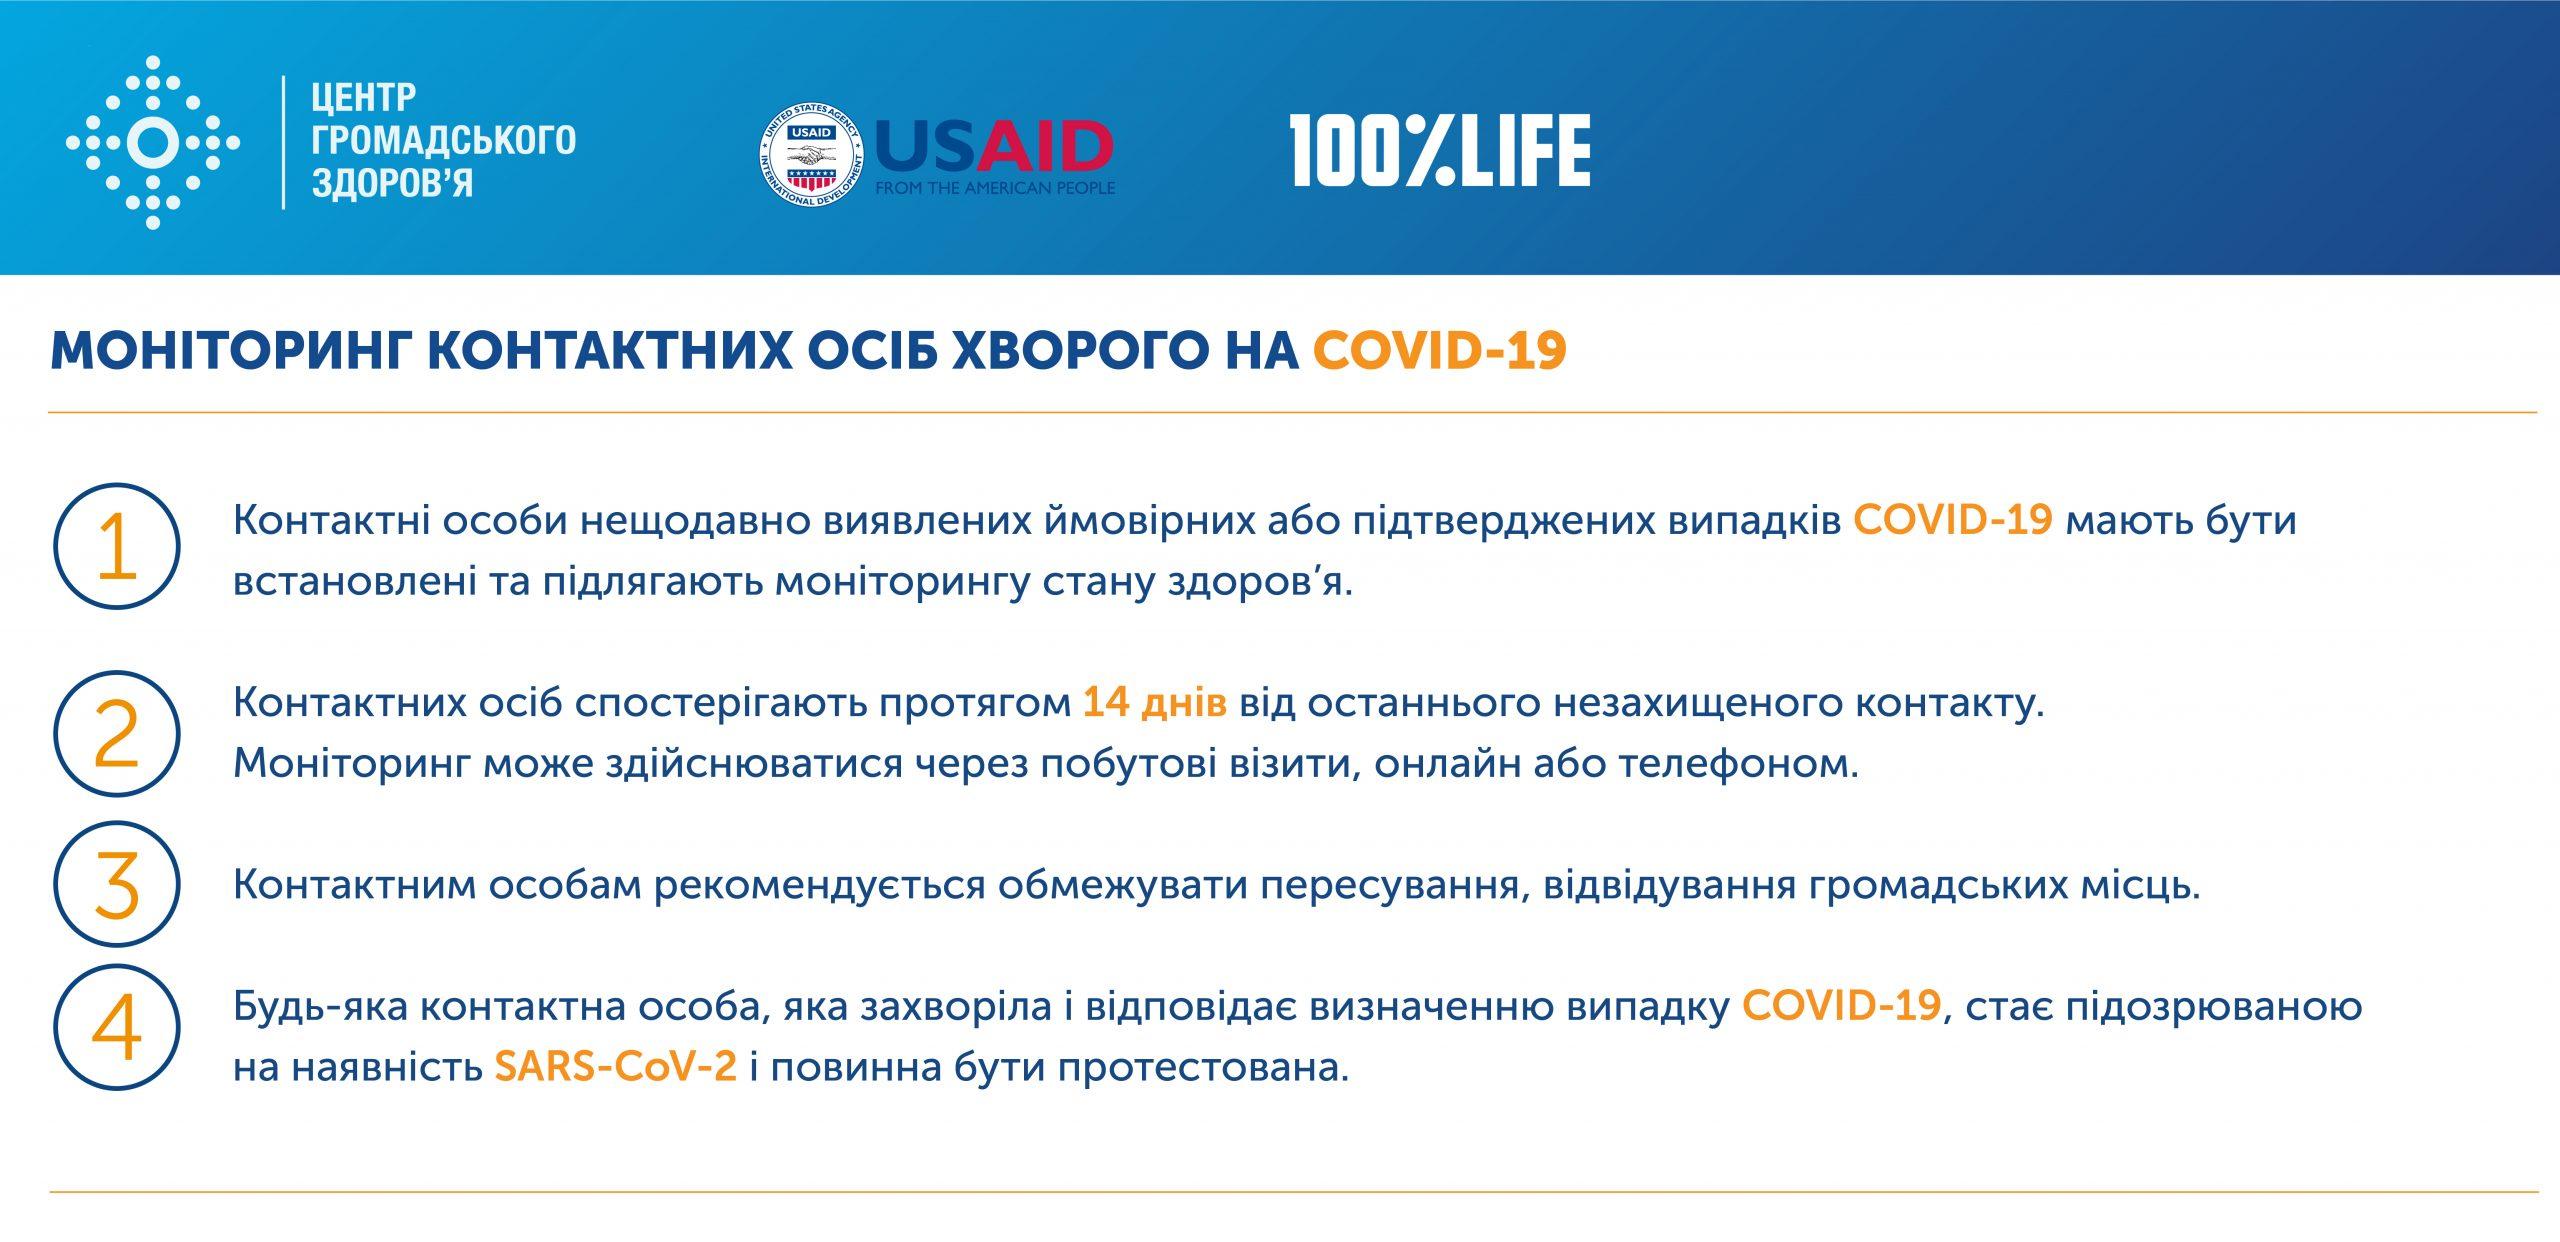 Моніторинг контактних осіб хворого на COVID_19